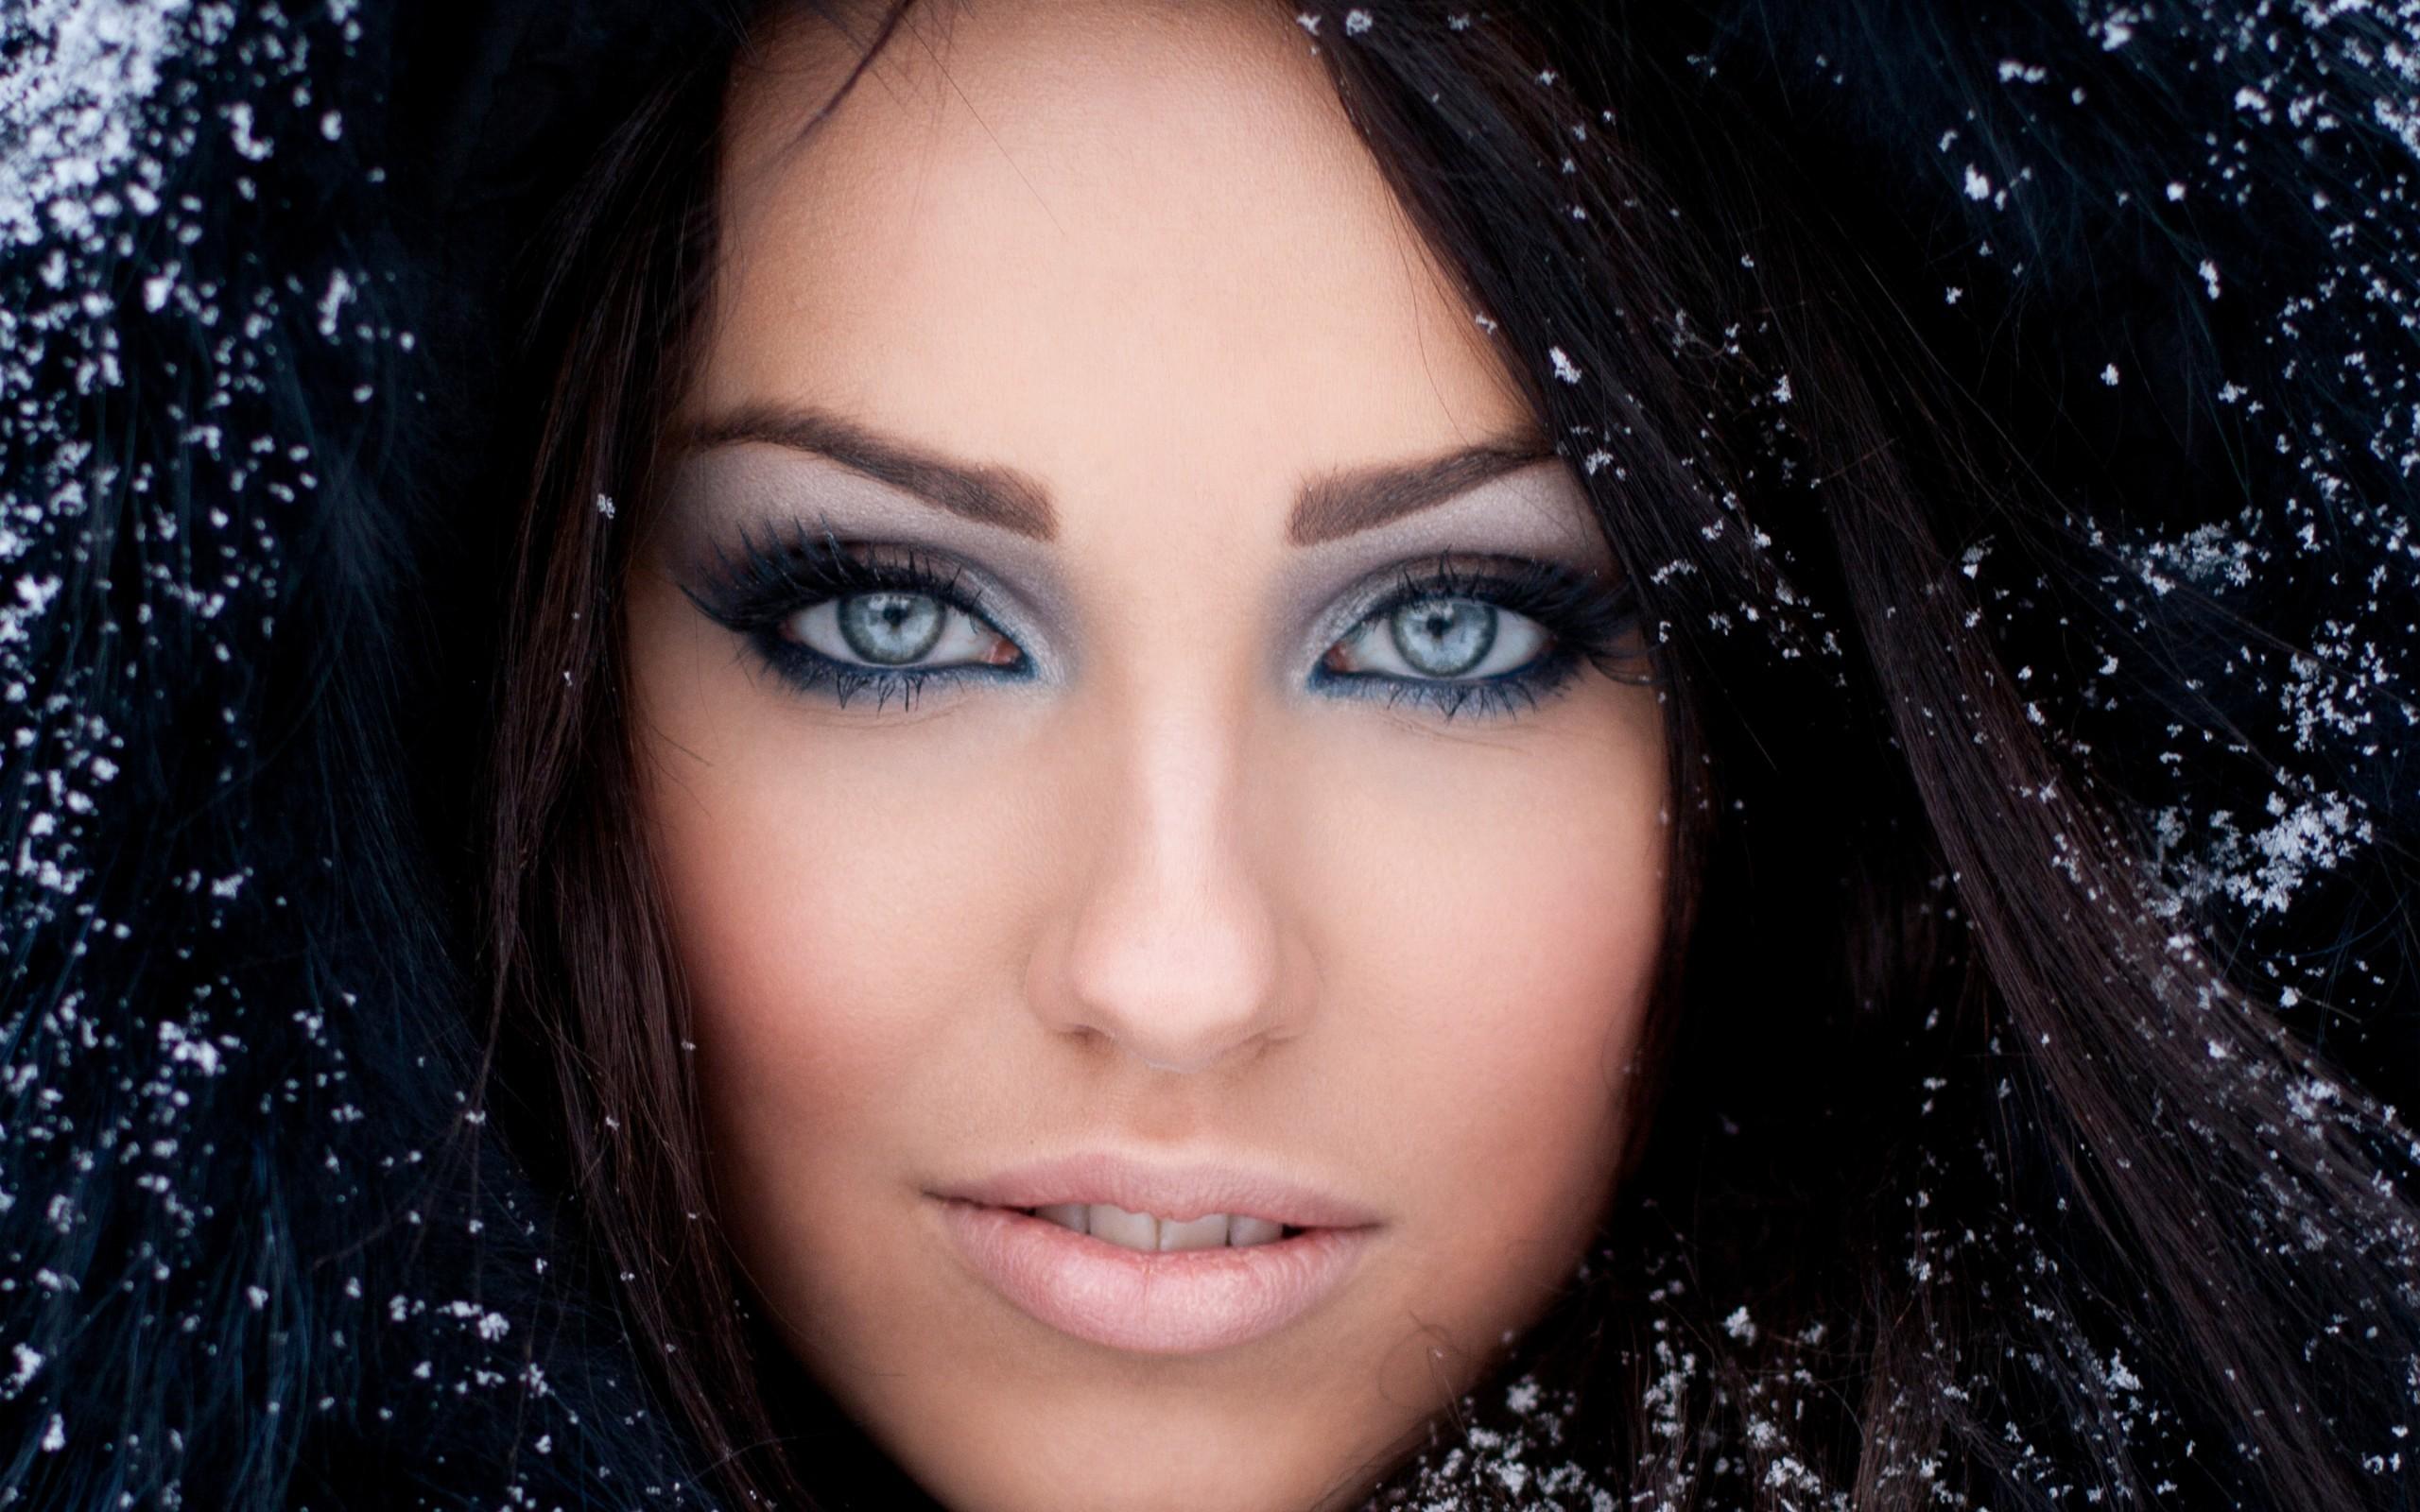 Blau haare augen graue braune mädchen Kurze Haare